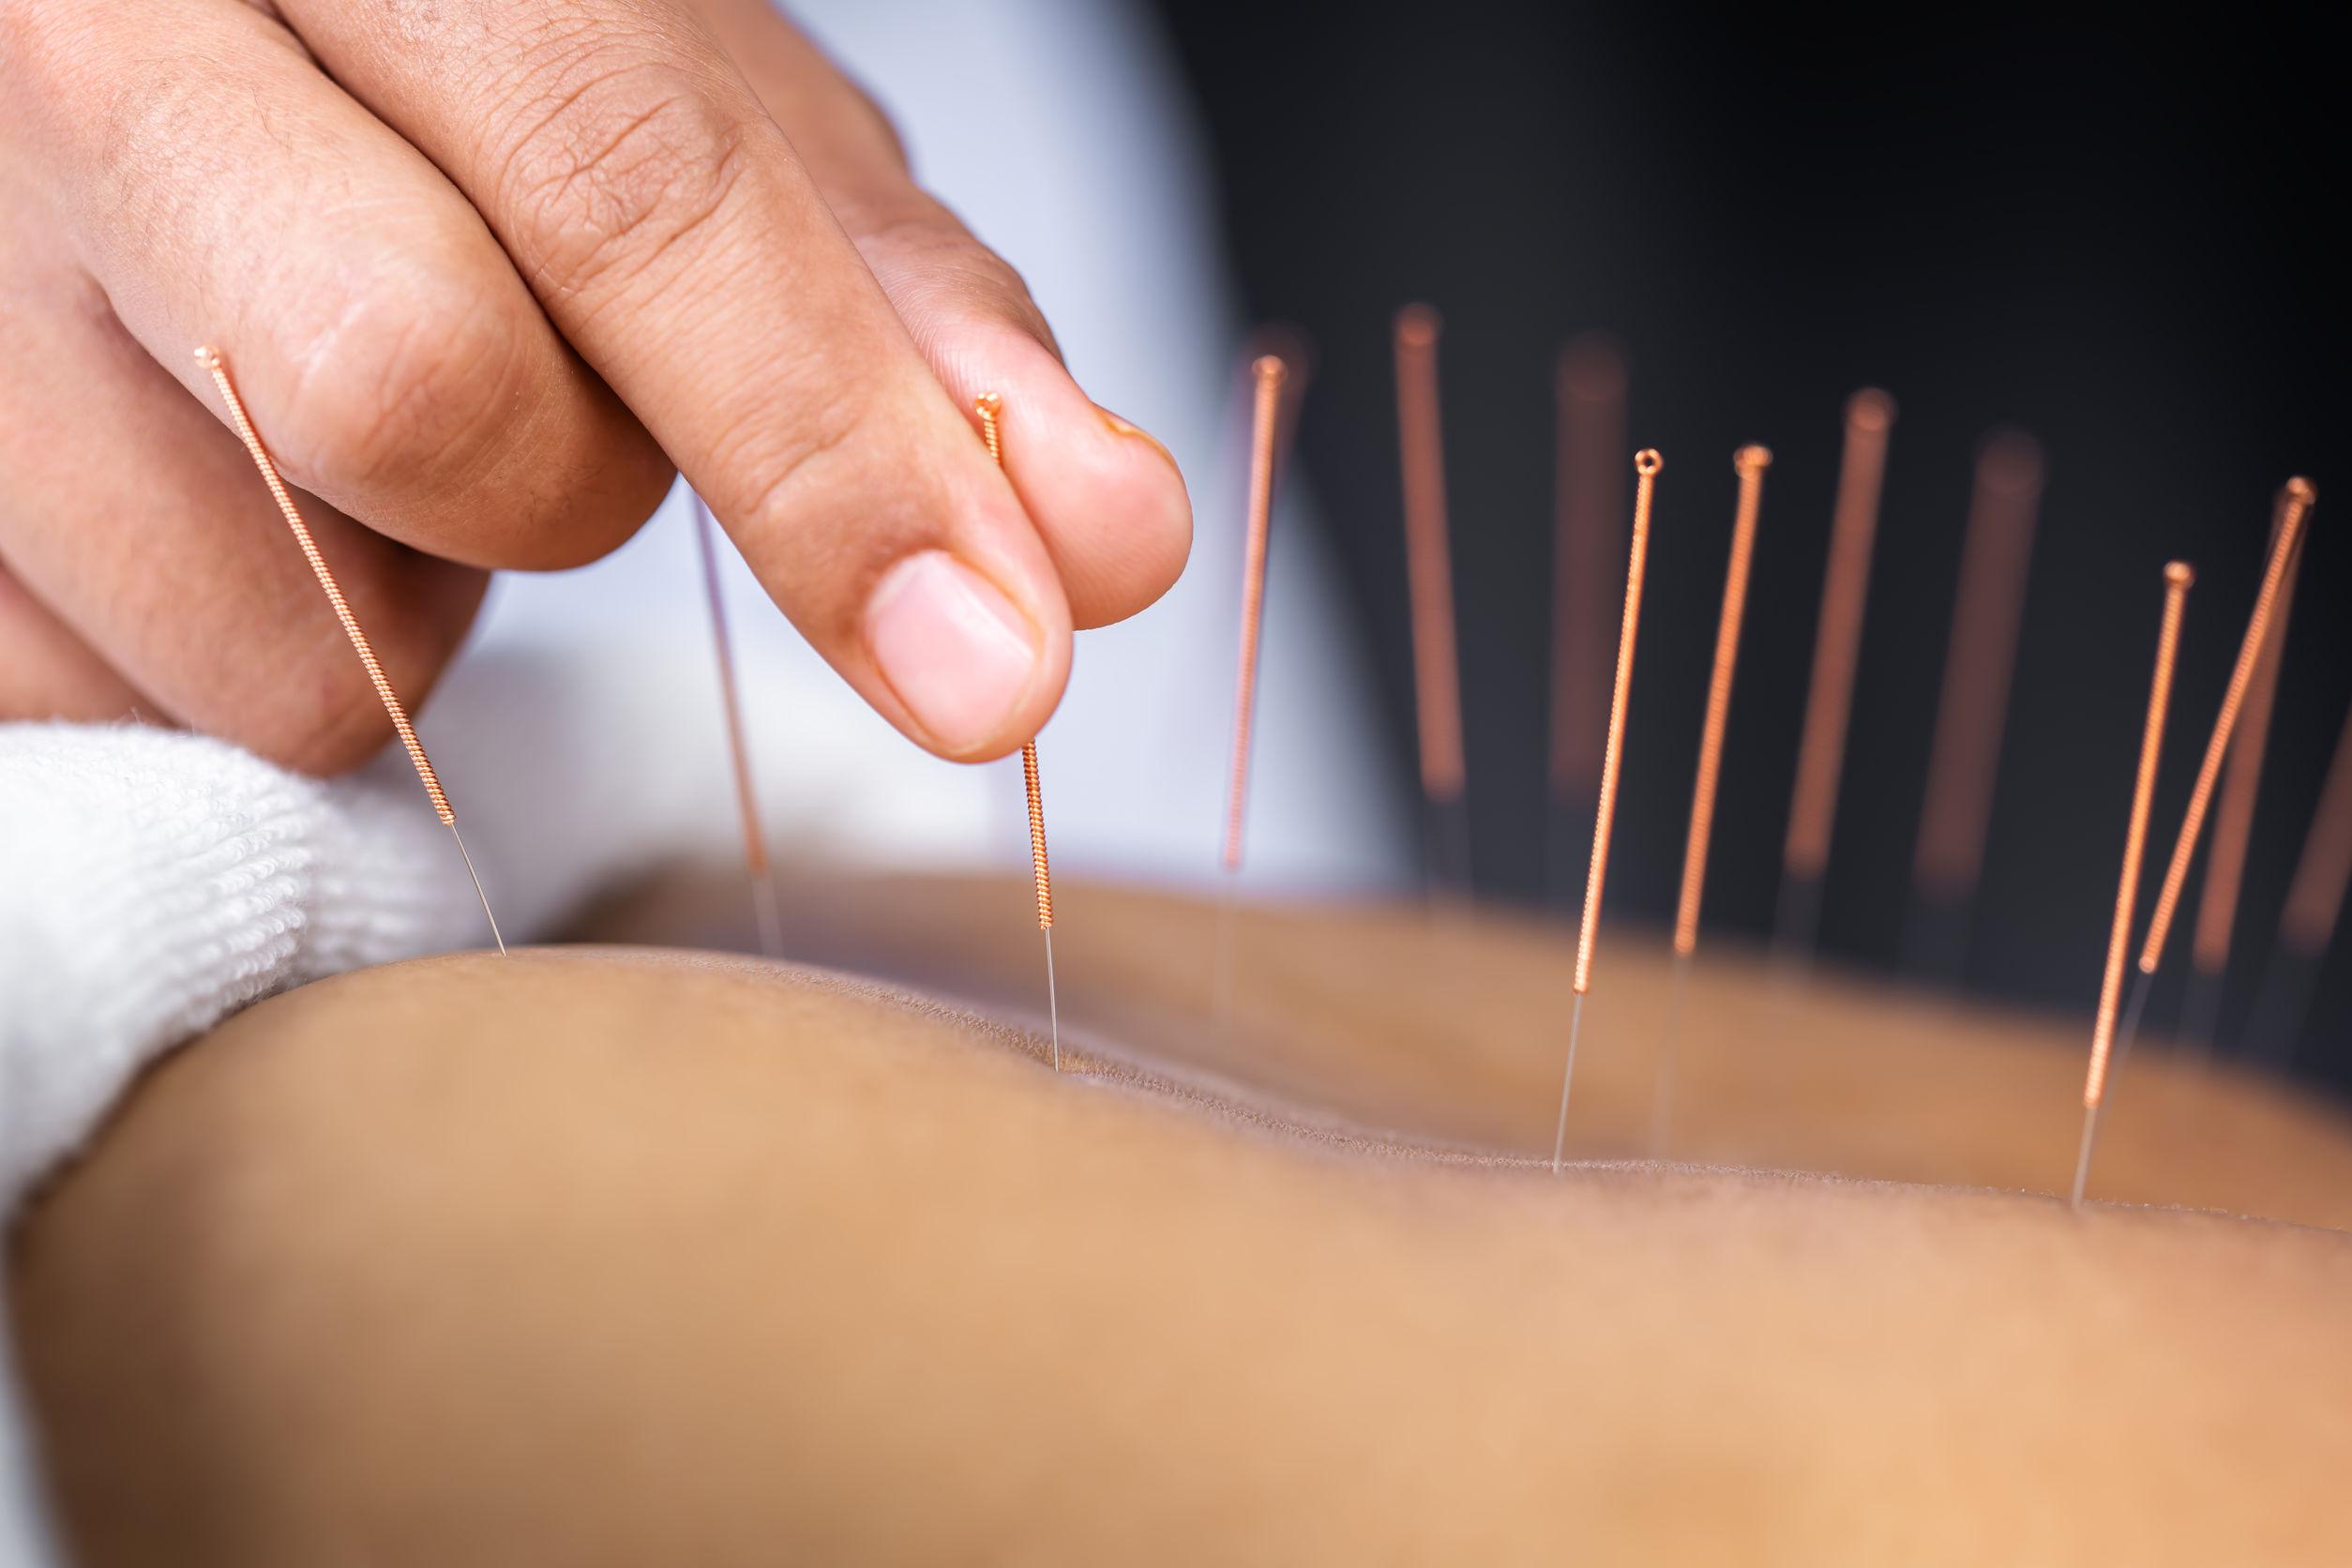 Akupunkturpflaster: Test & Empfehlungen (11/20)